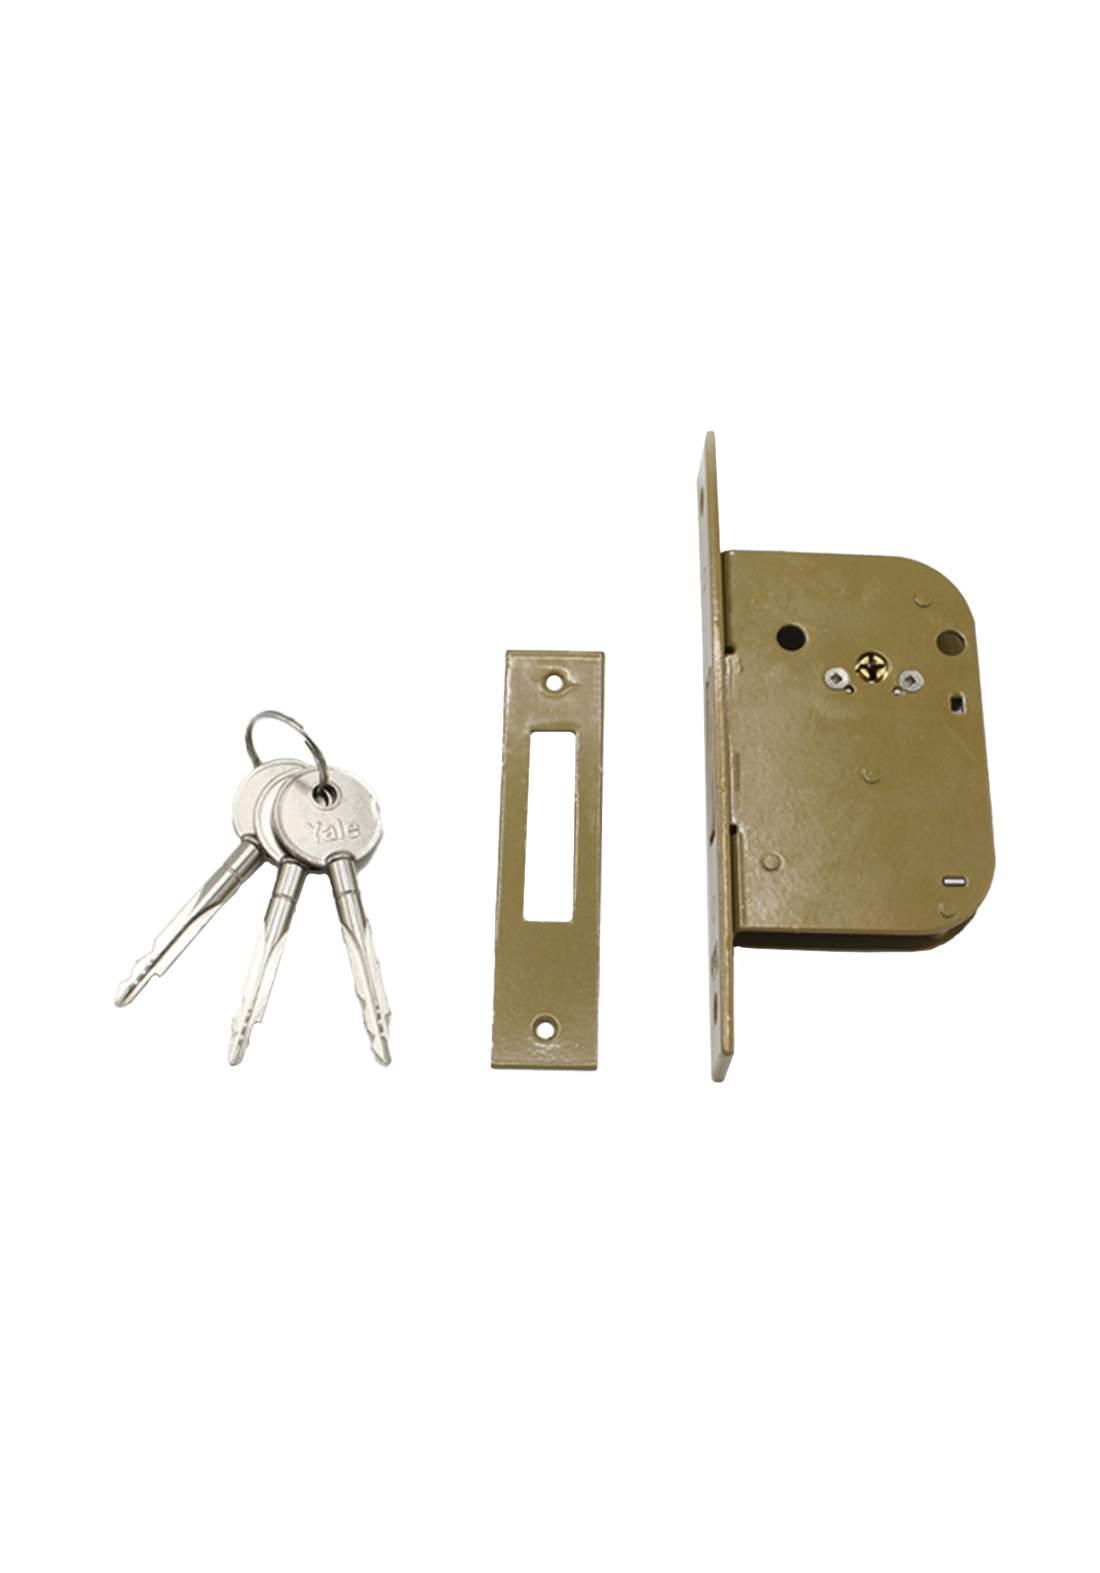 Yale 5630035  Smart Door Lock 35 mm قفل باب مفتاح برينة